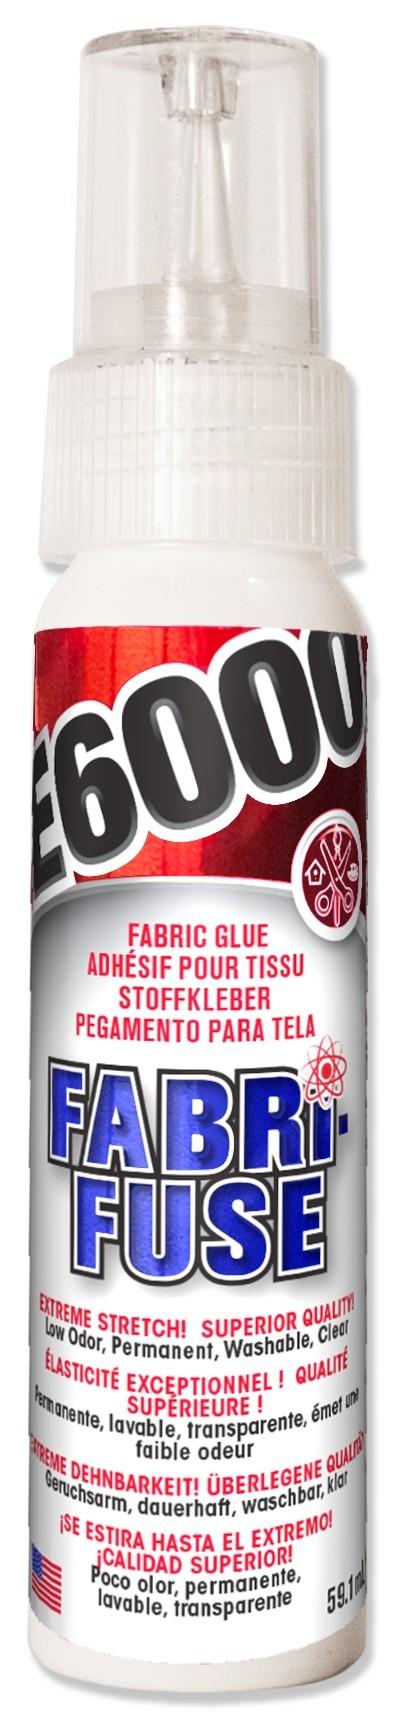 eclectic--e6000-fabric-glue-591-ml_Z00007_1.jpg